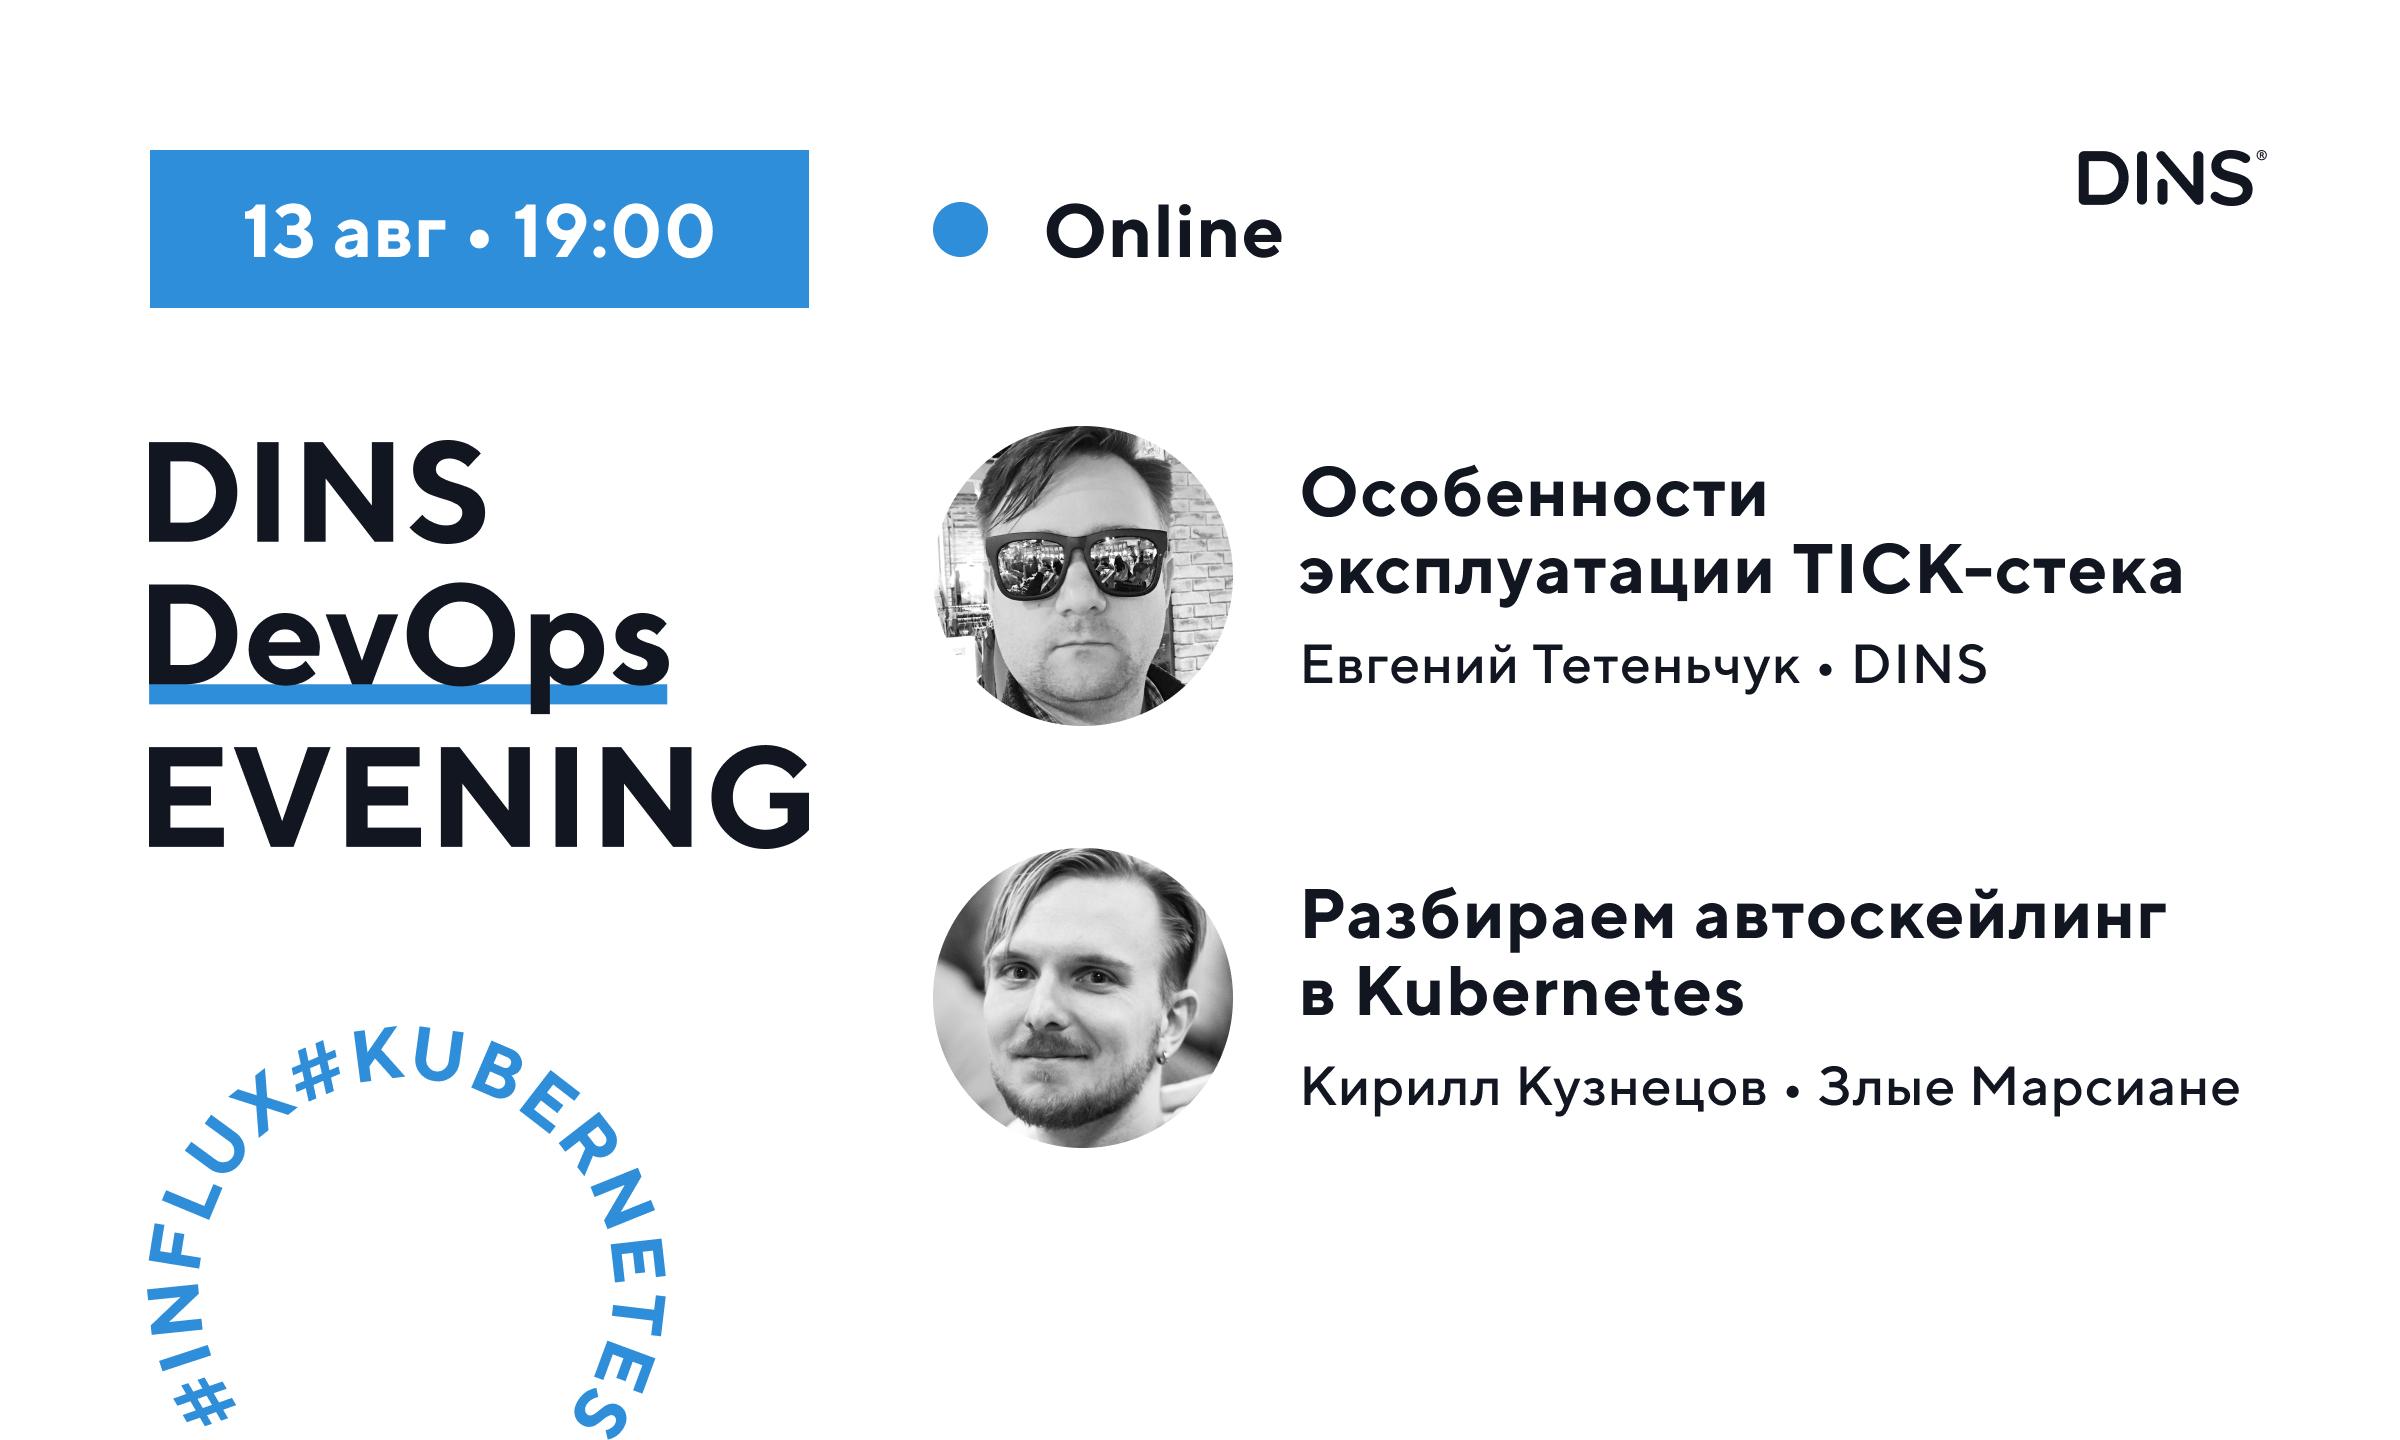 Приглашаем на DINS DevOps EVENING (online) эксплуатация TICK-стека и автоскейлинг в Kubernetes